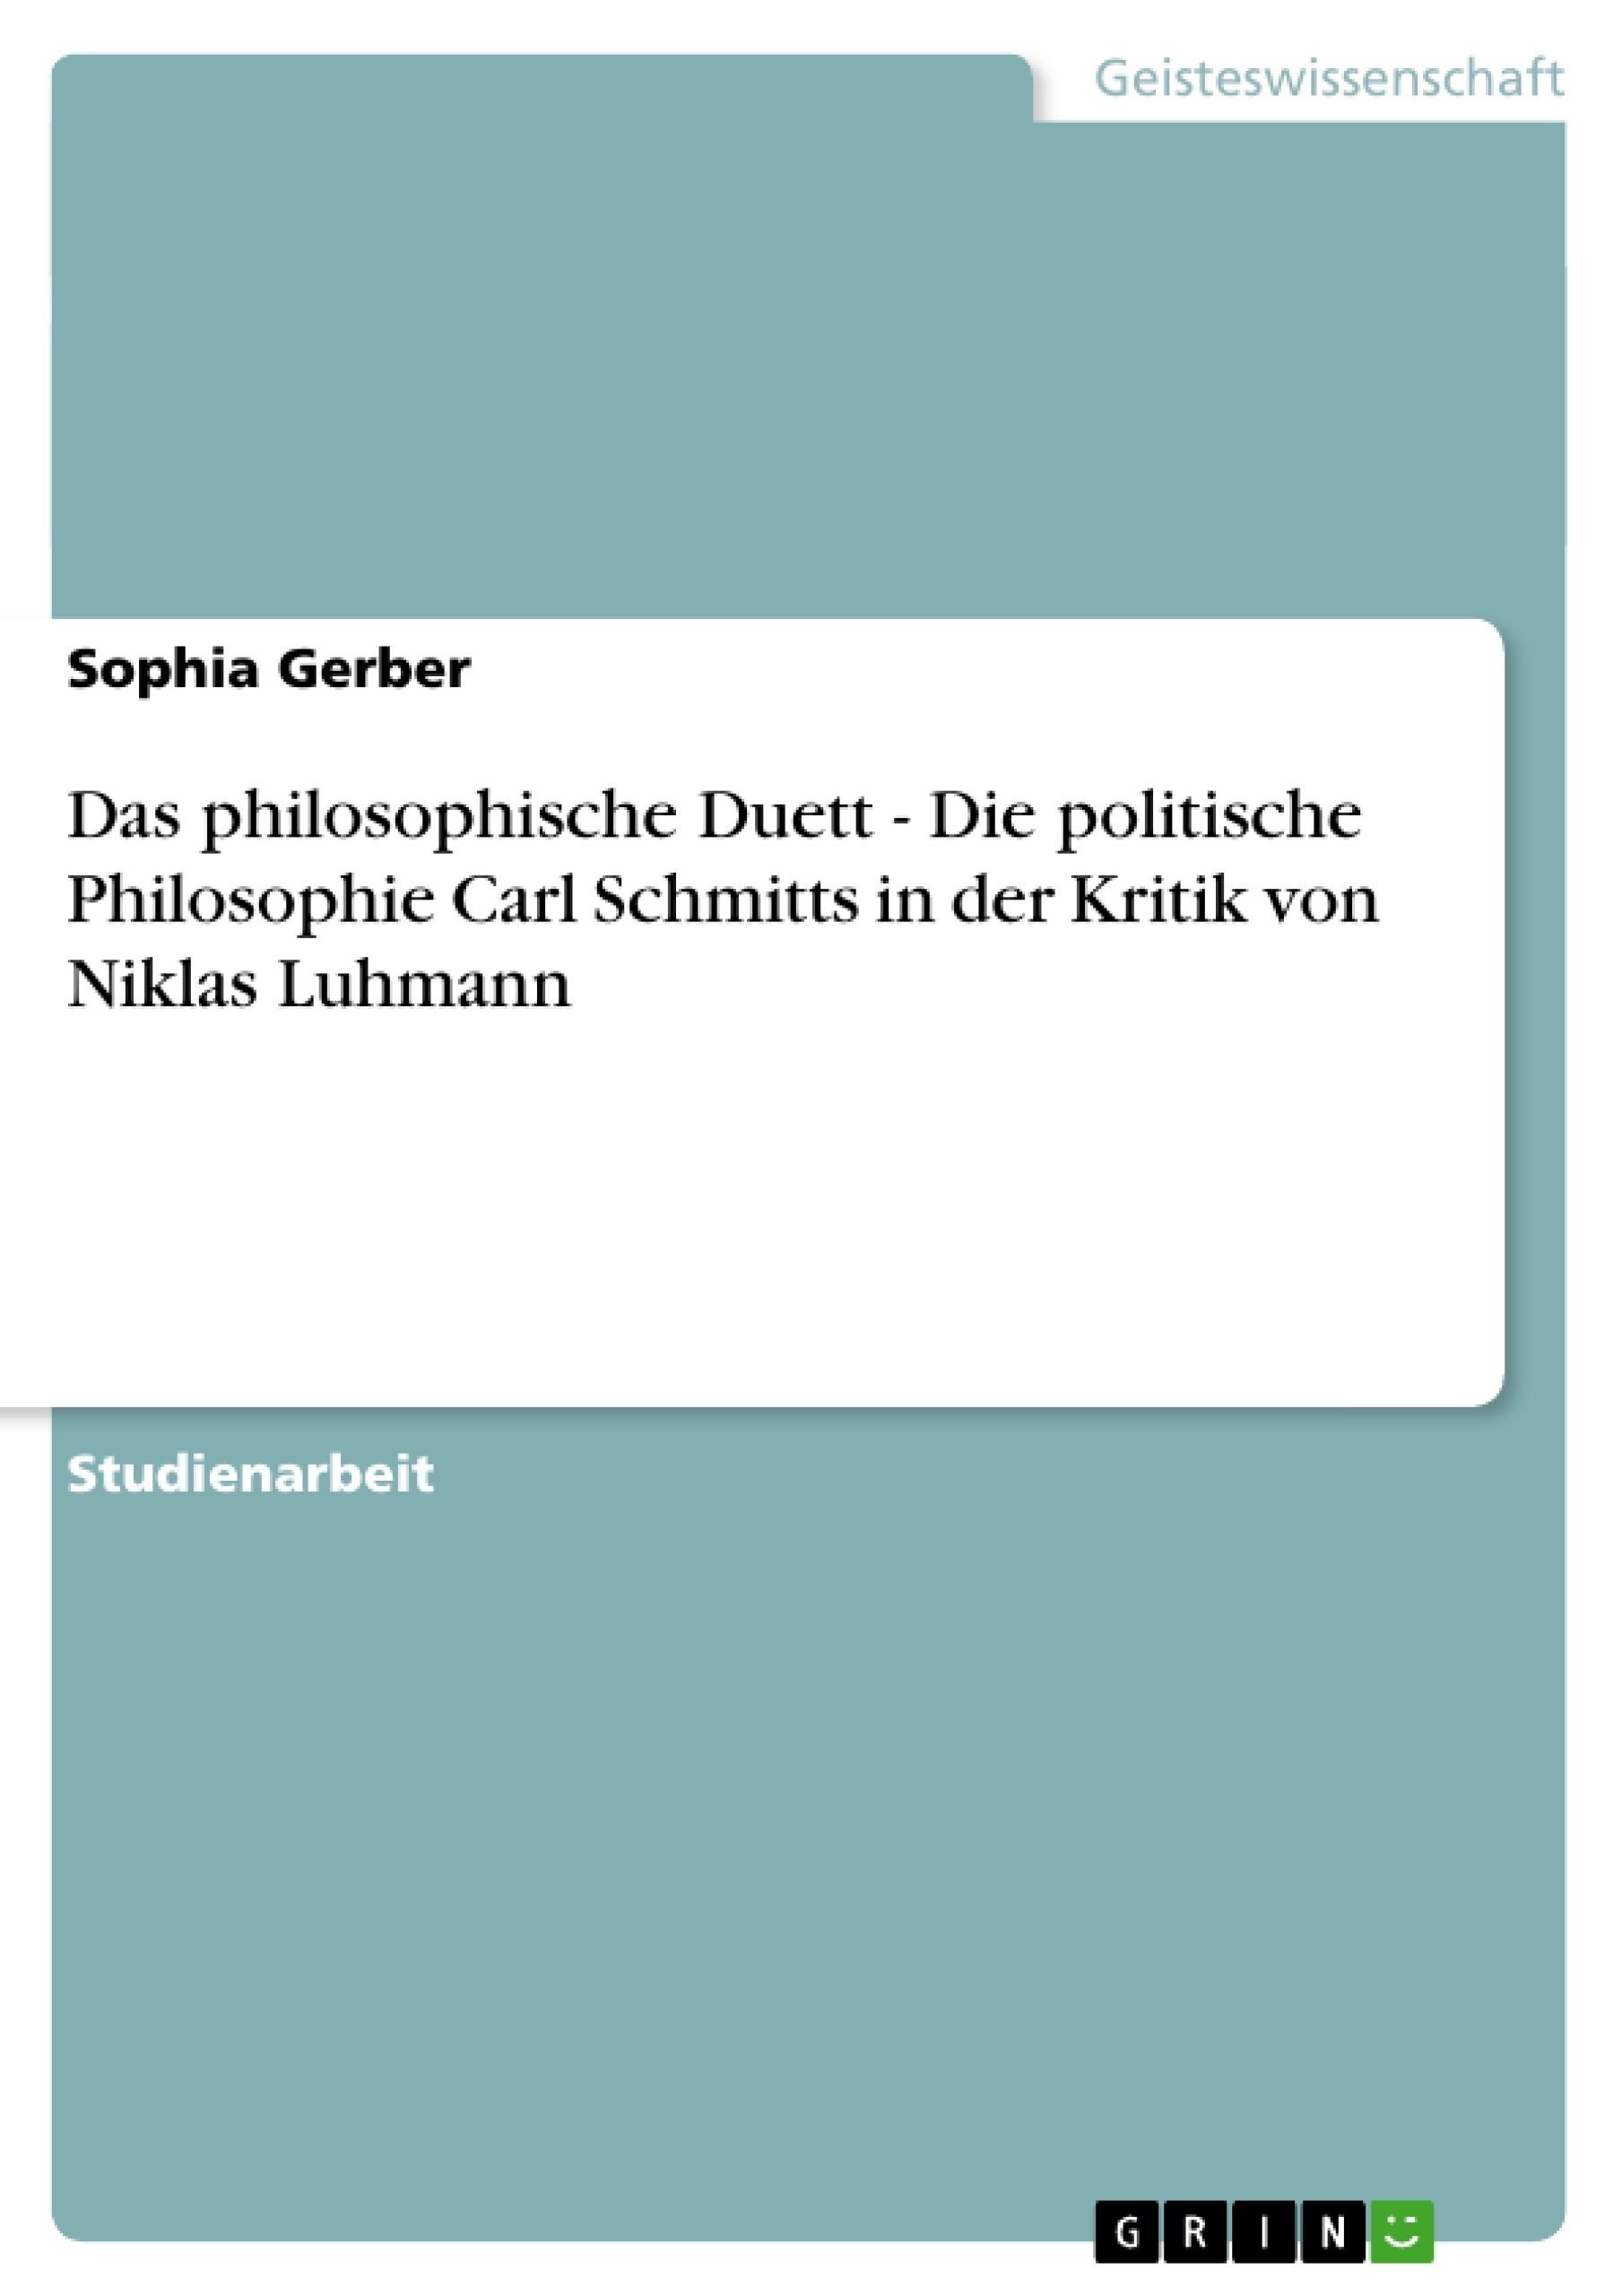 Titel: Das philosophische Duett - Die politische Philosophie Carl Schmitts in der Kritik von Niklas Luhmann